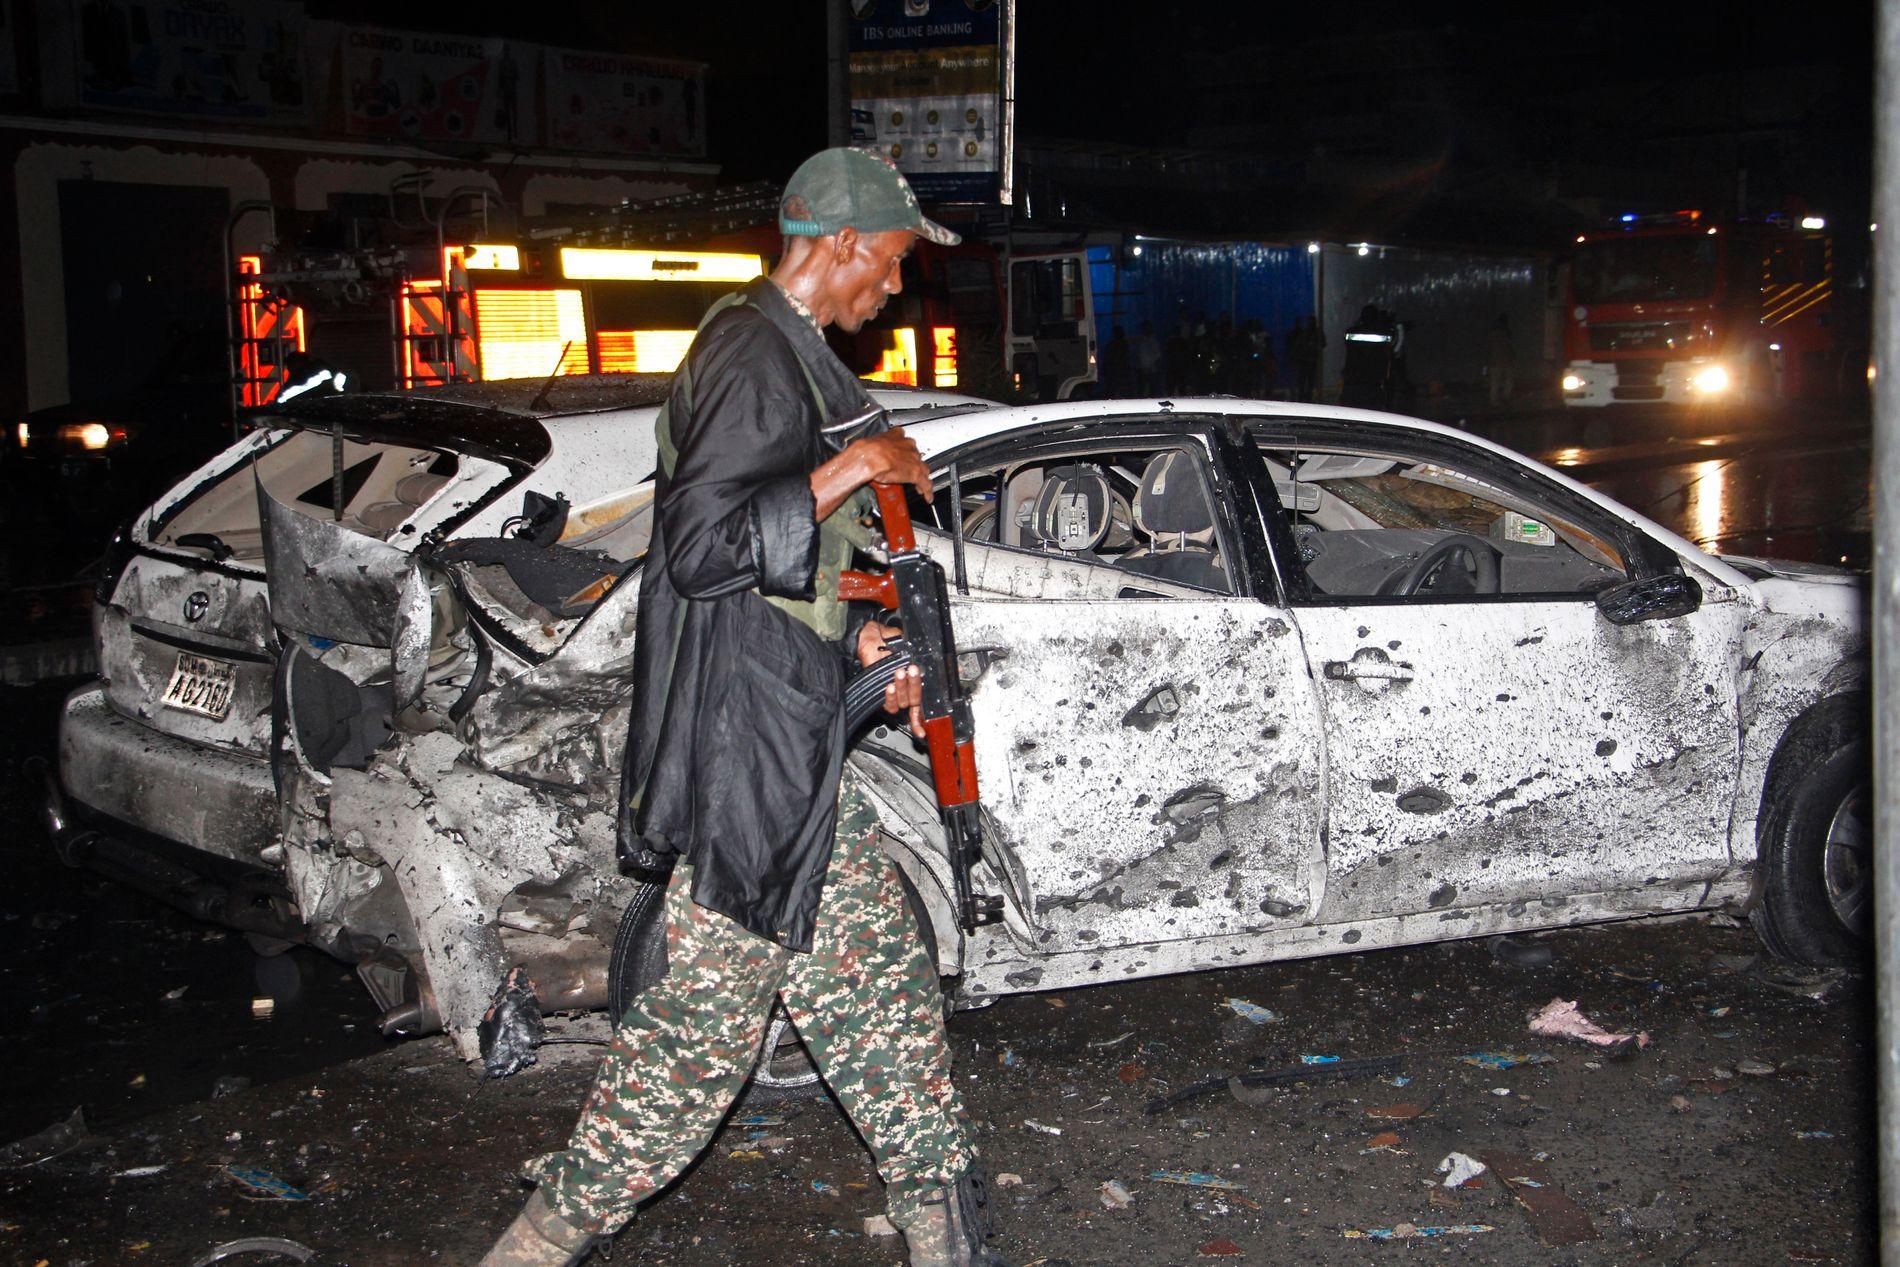 ANSES SOM TRYGGERE: To bilbomber eksploderte i Somalias hovedstad Mogadishu 5. august og seks mennesker ble drept. Den somaliske staten er ikke i stand til å beskytte innbyggerne og dermed kan ikke Norge sende somaliske flyktninger dit, mener organisasjonene NOAS, Redd Barna og Fellesorganisasjonen. Regjeringen er uenig.